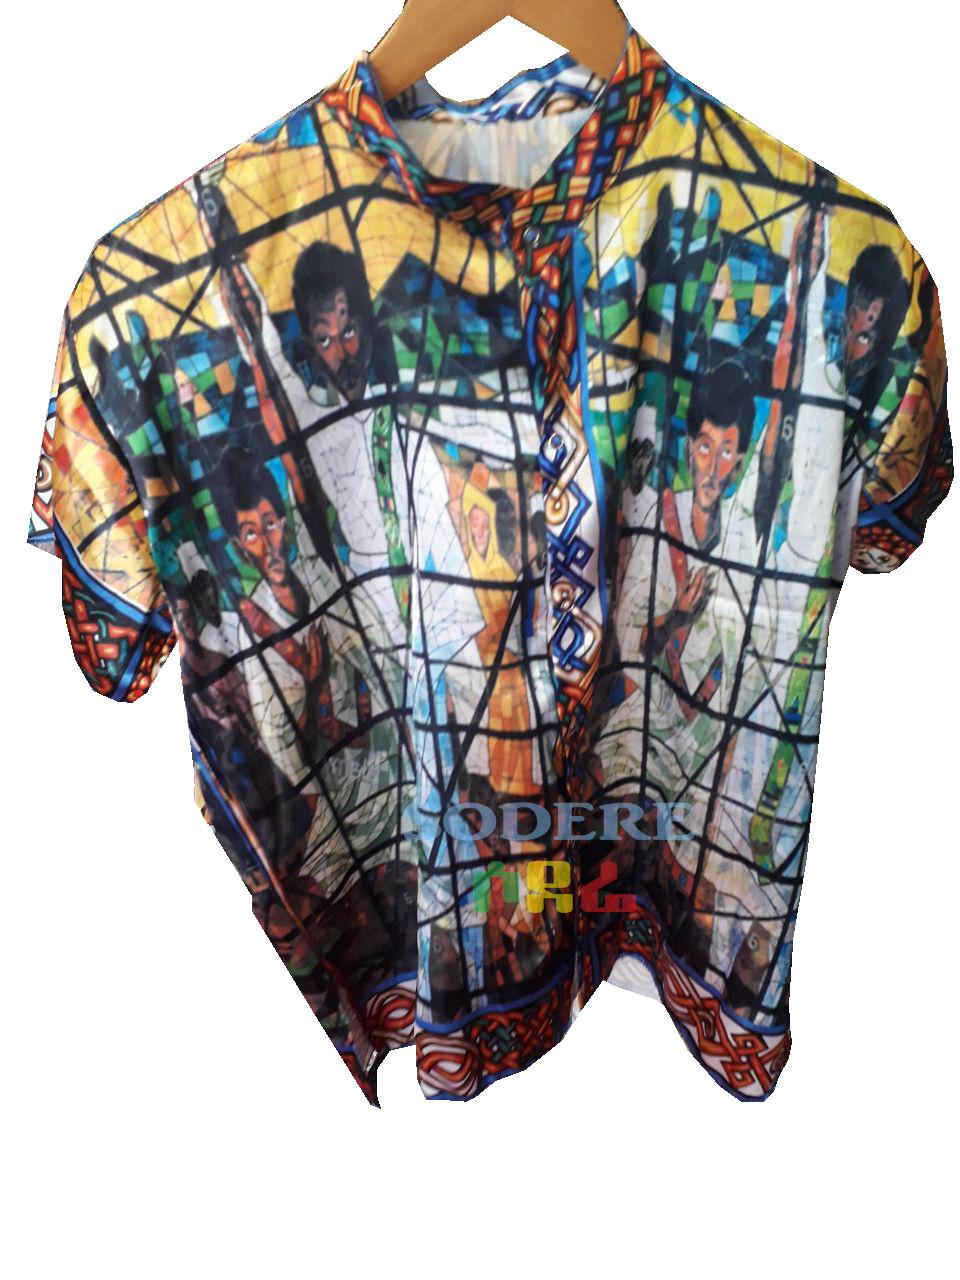 የወንዶች አላባሽ    የሰአሊ አፈወርቅ ተክሌ ስእል ያለበት   Men T-shirt